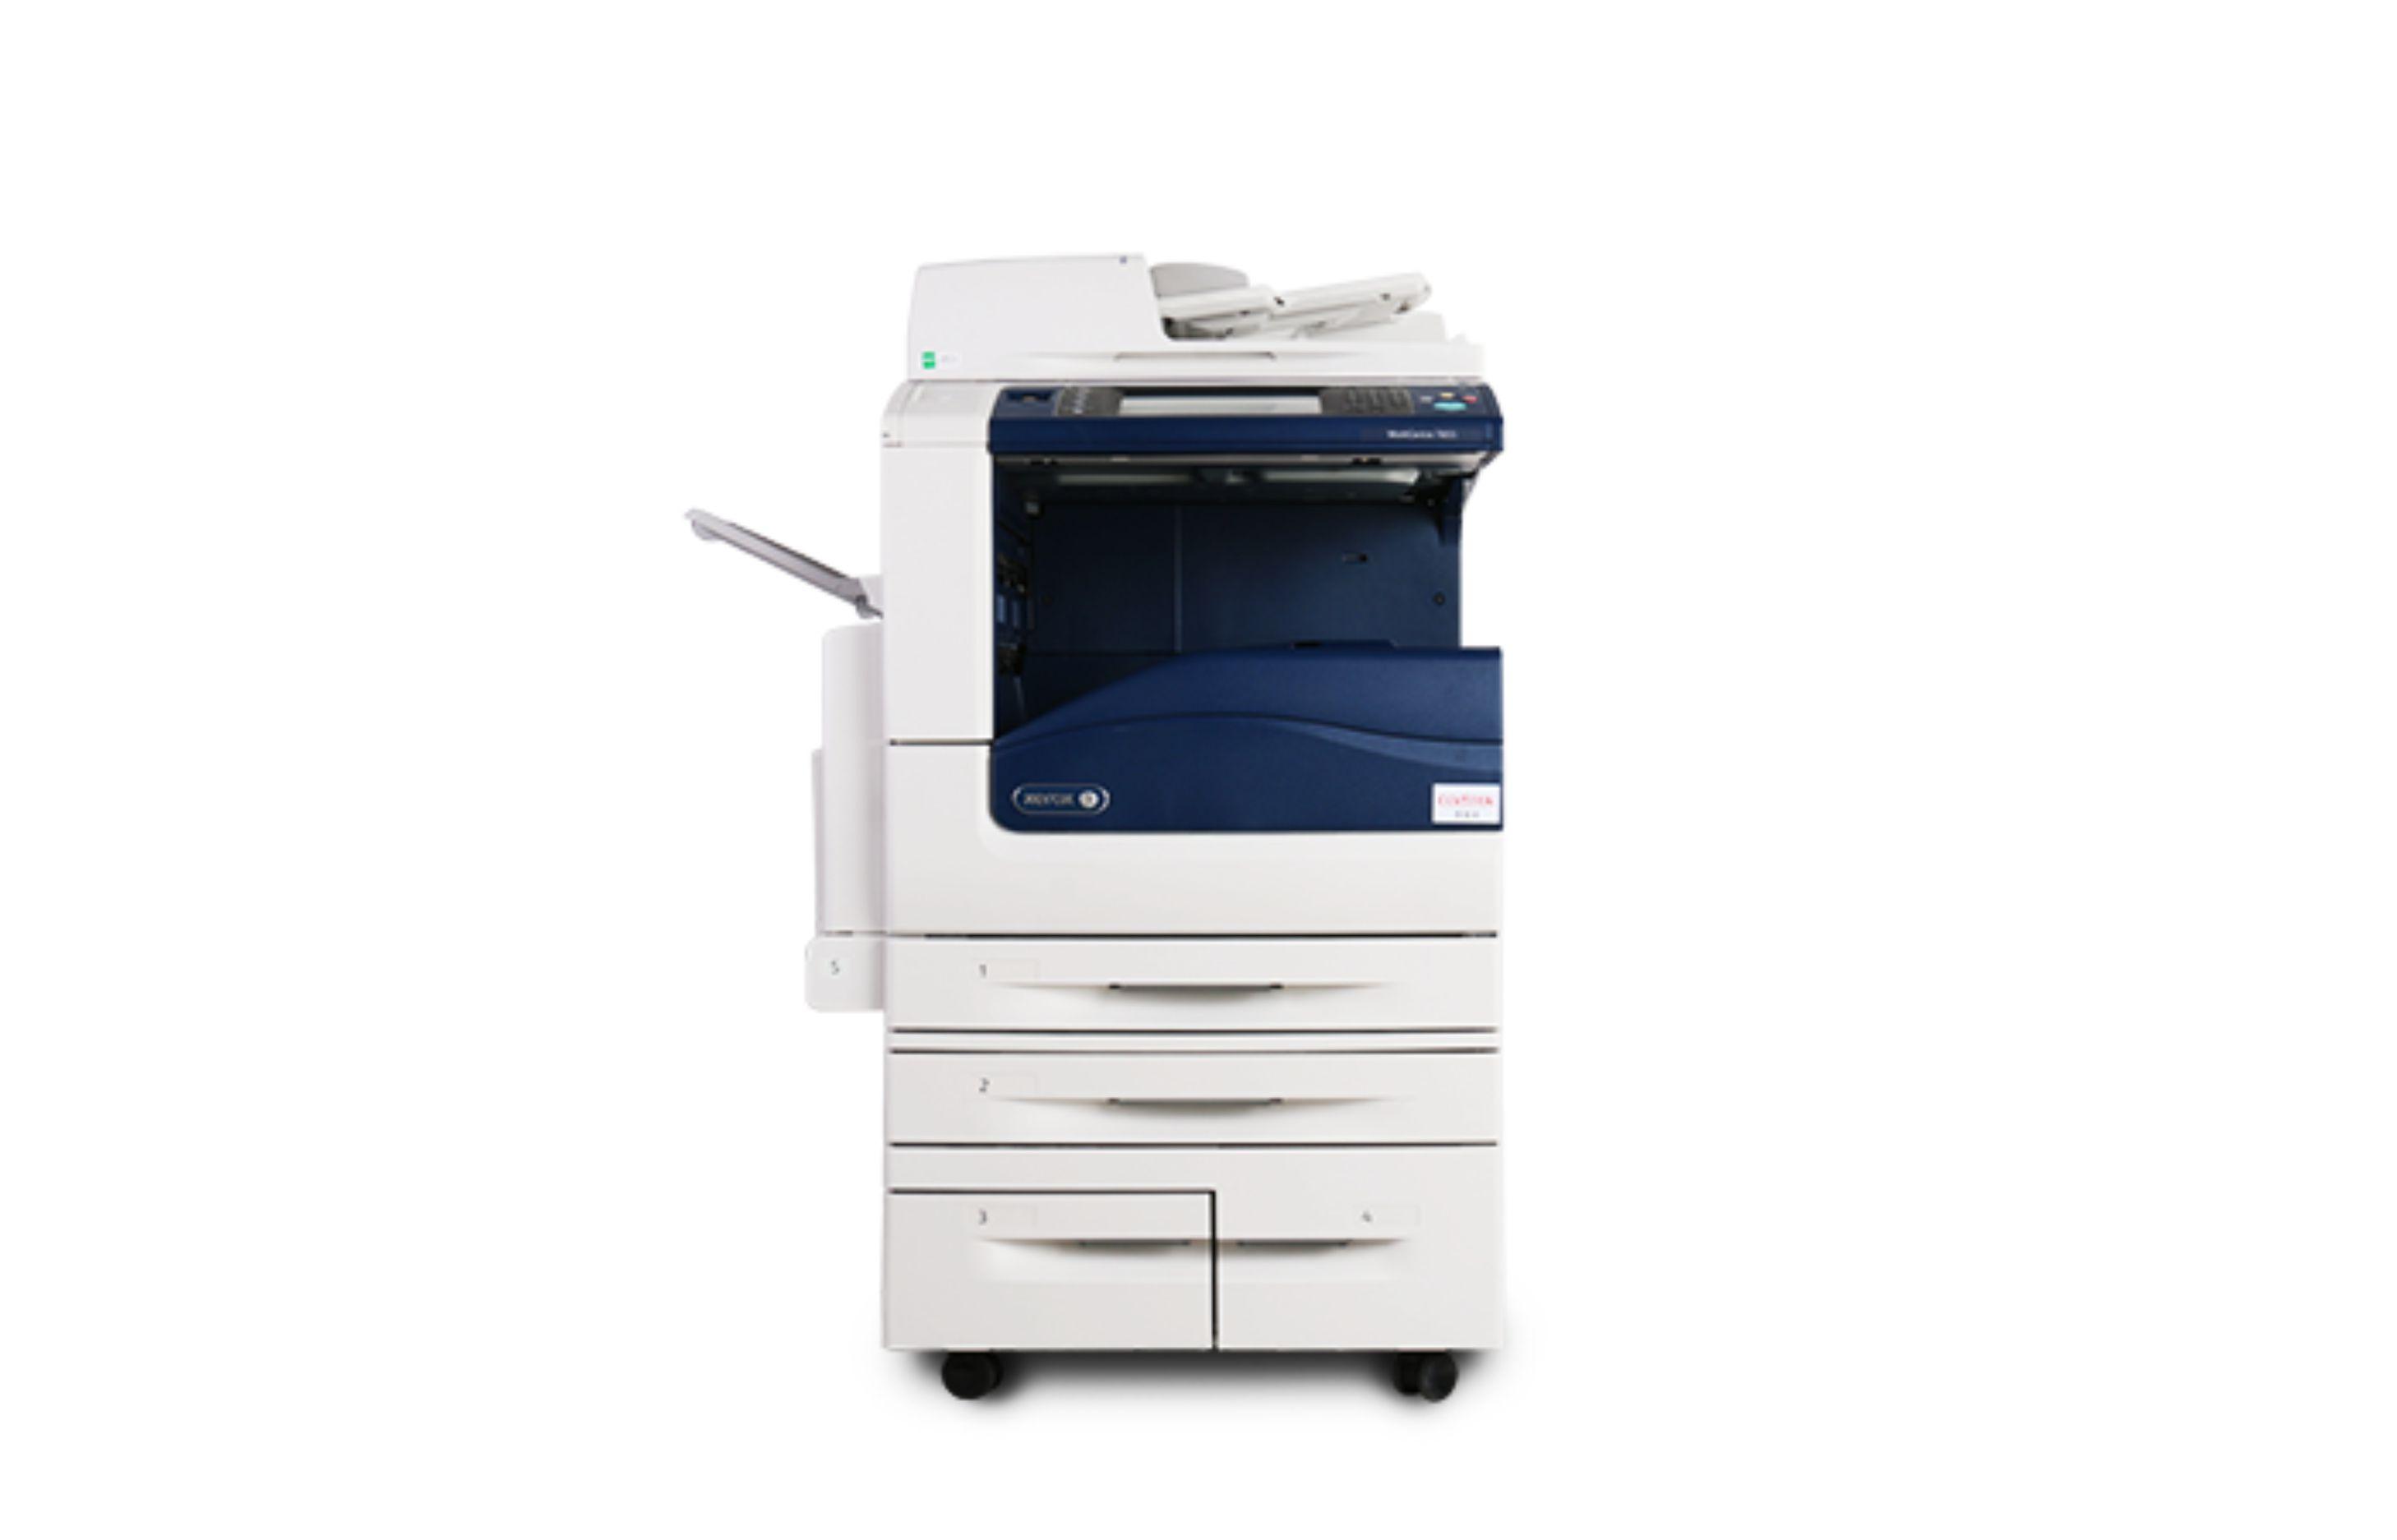 施乐彩色复印机五代7835/7845/7855高精度多功能一体机打印机亚博娱乐官网登录